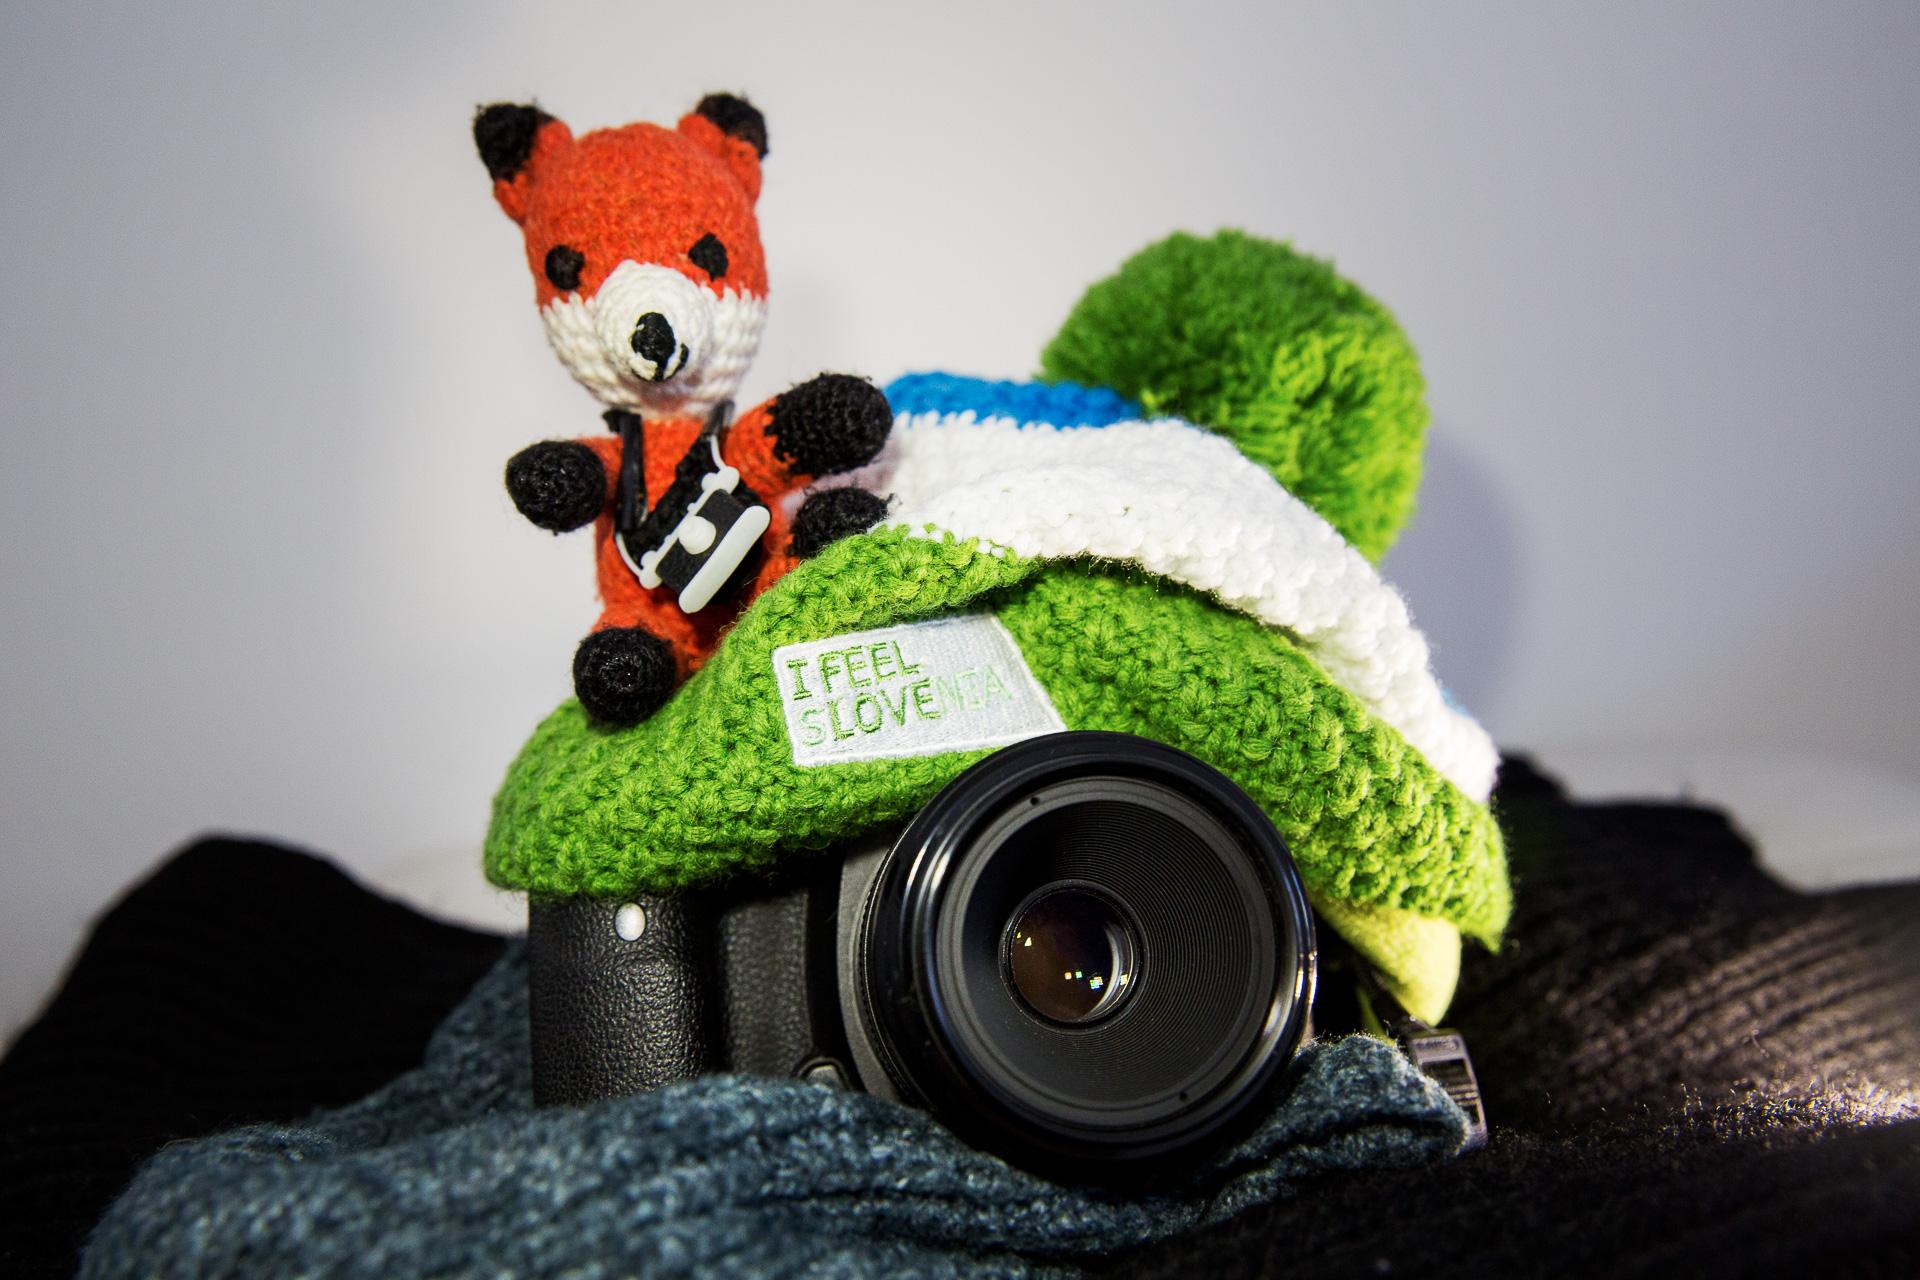 Pack dich und dein Equipment beim Fotografieren im Winter warm ein.